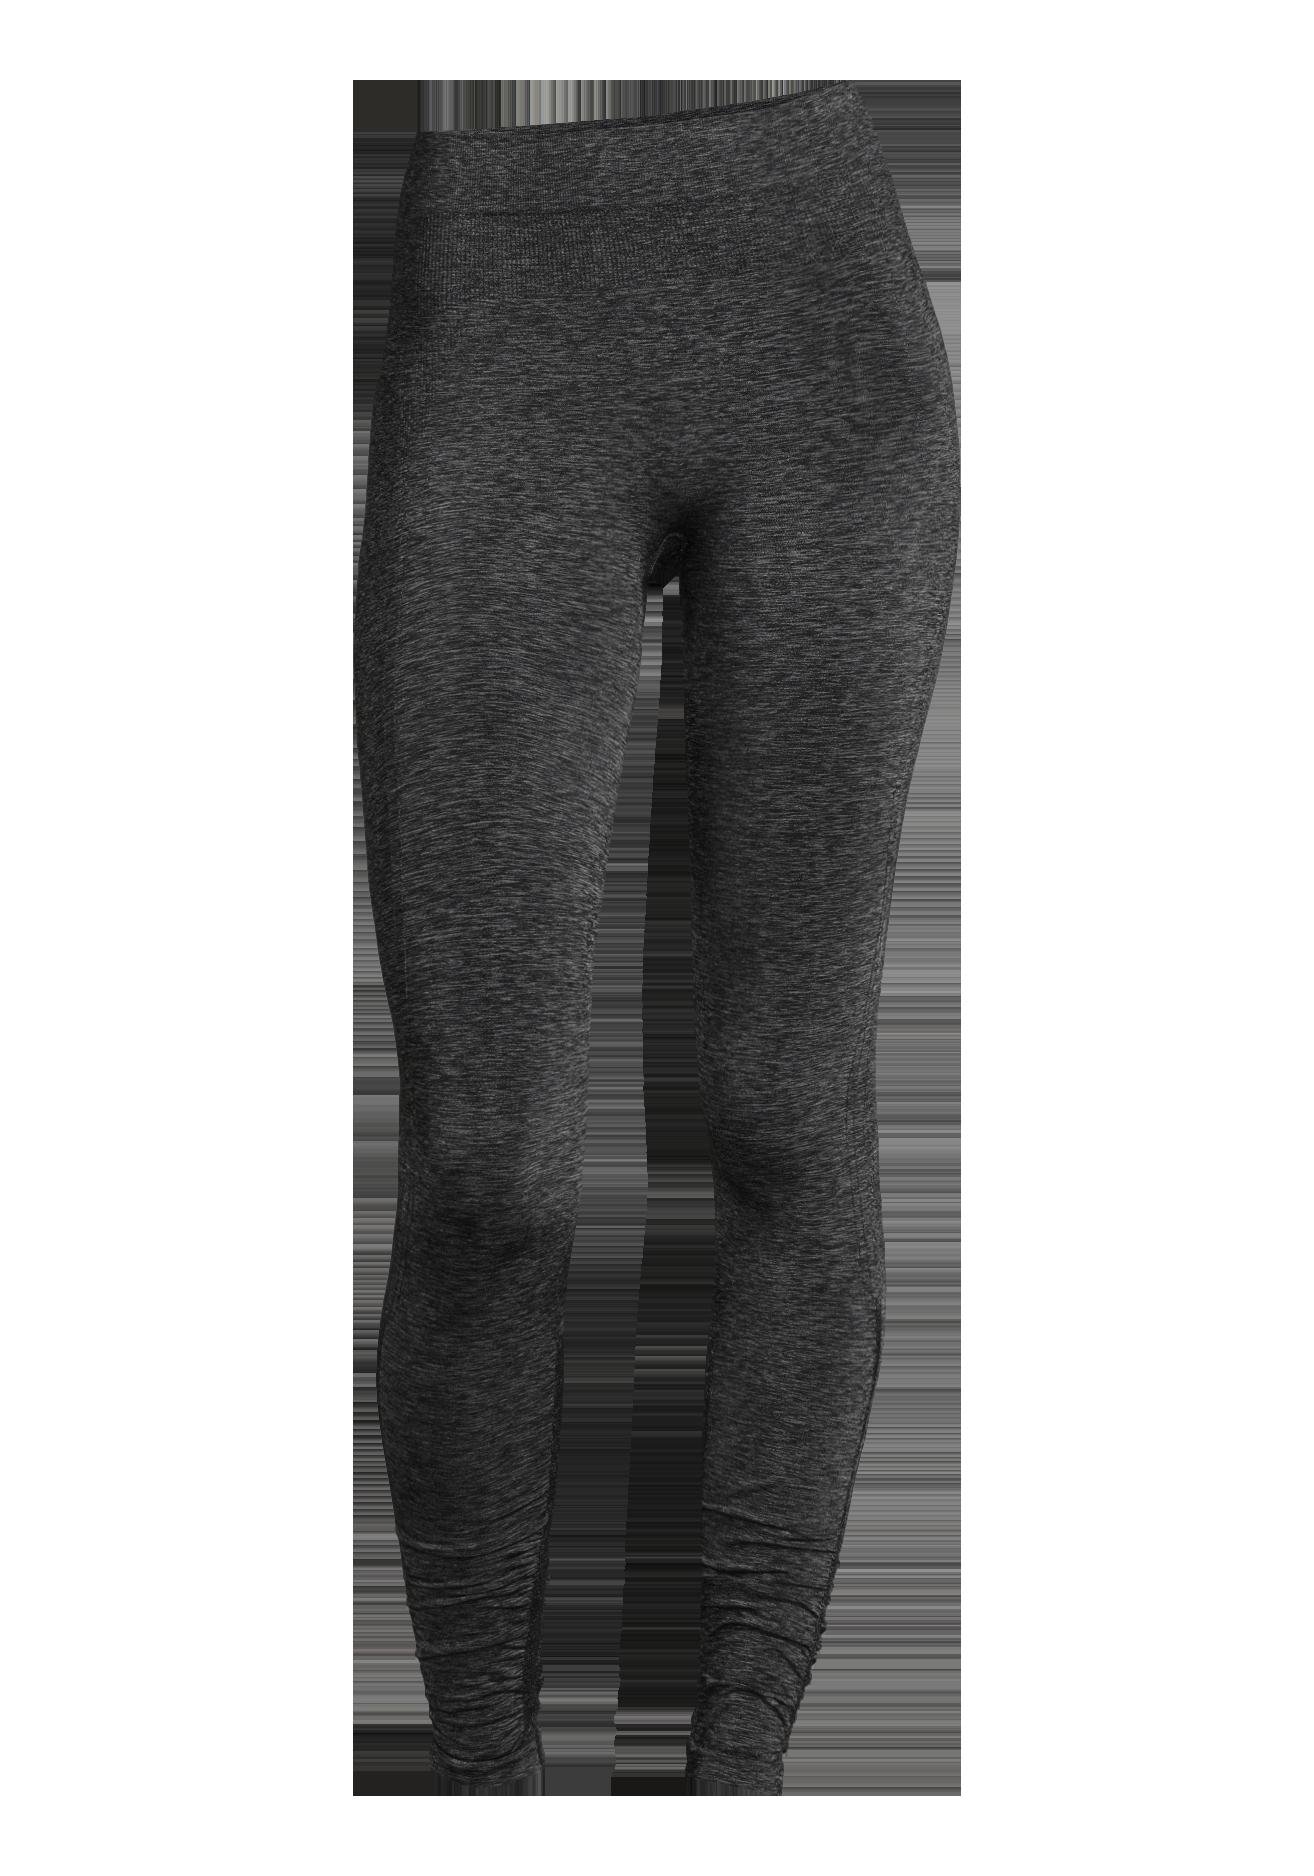 Sømløs tights Casall mørk grå, sort